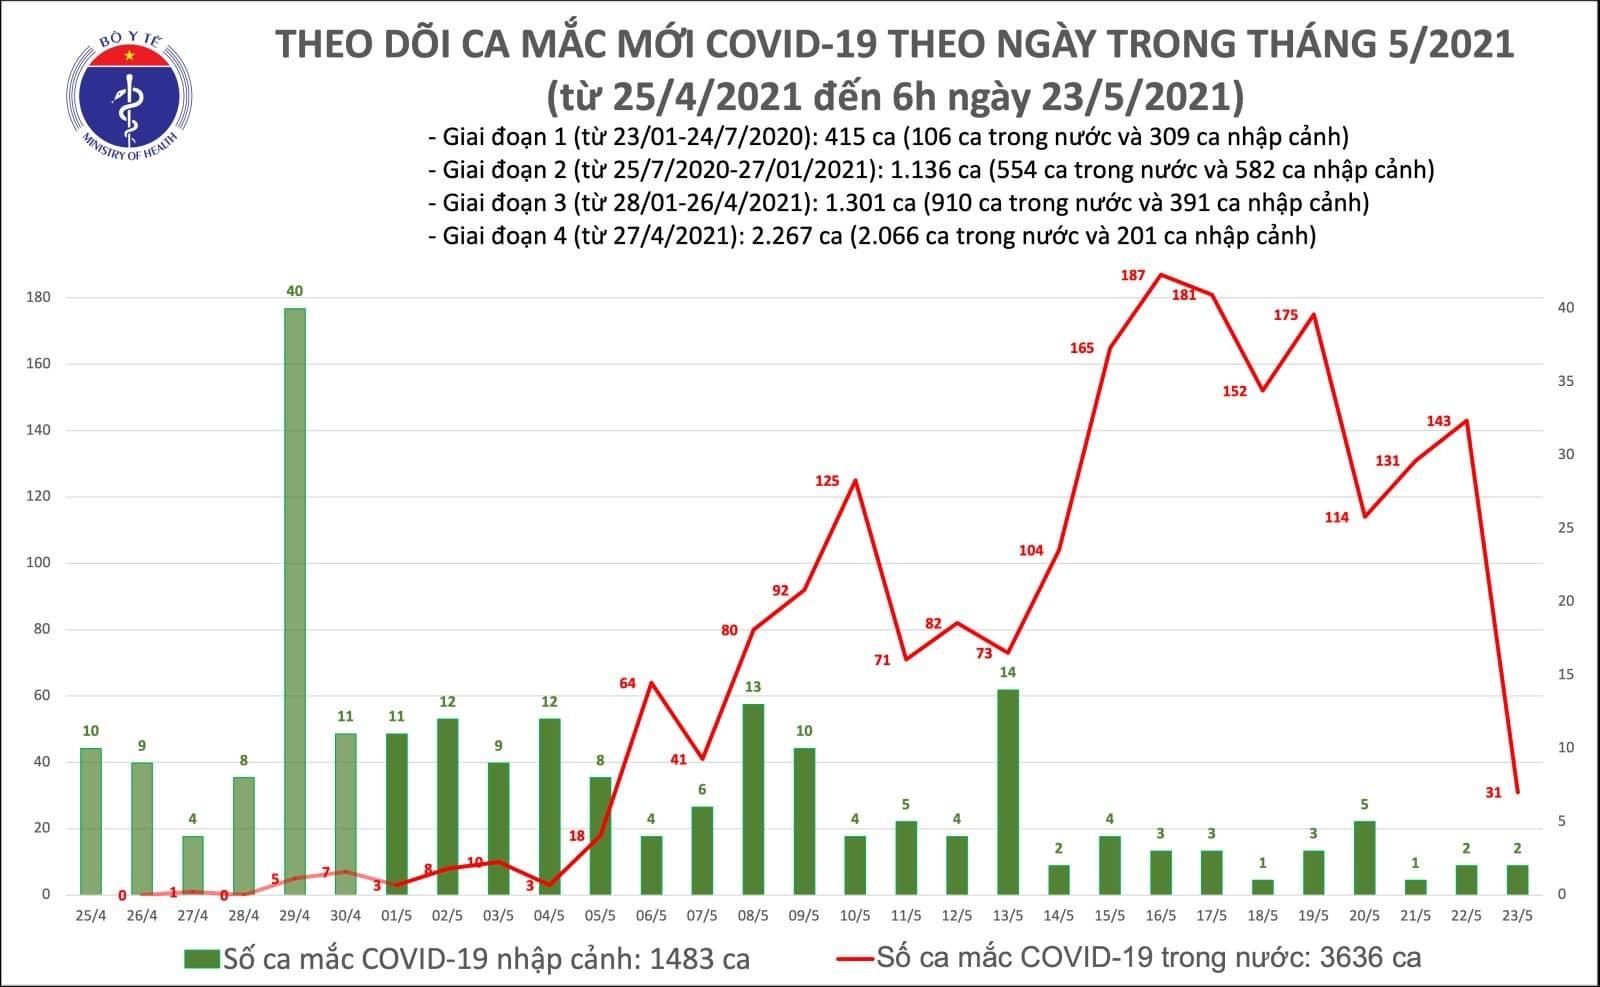 Sáng 23/5, thêm 31 ca Covid-19 trong nước tại Bắc Ninh, Ninh Bình